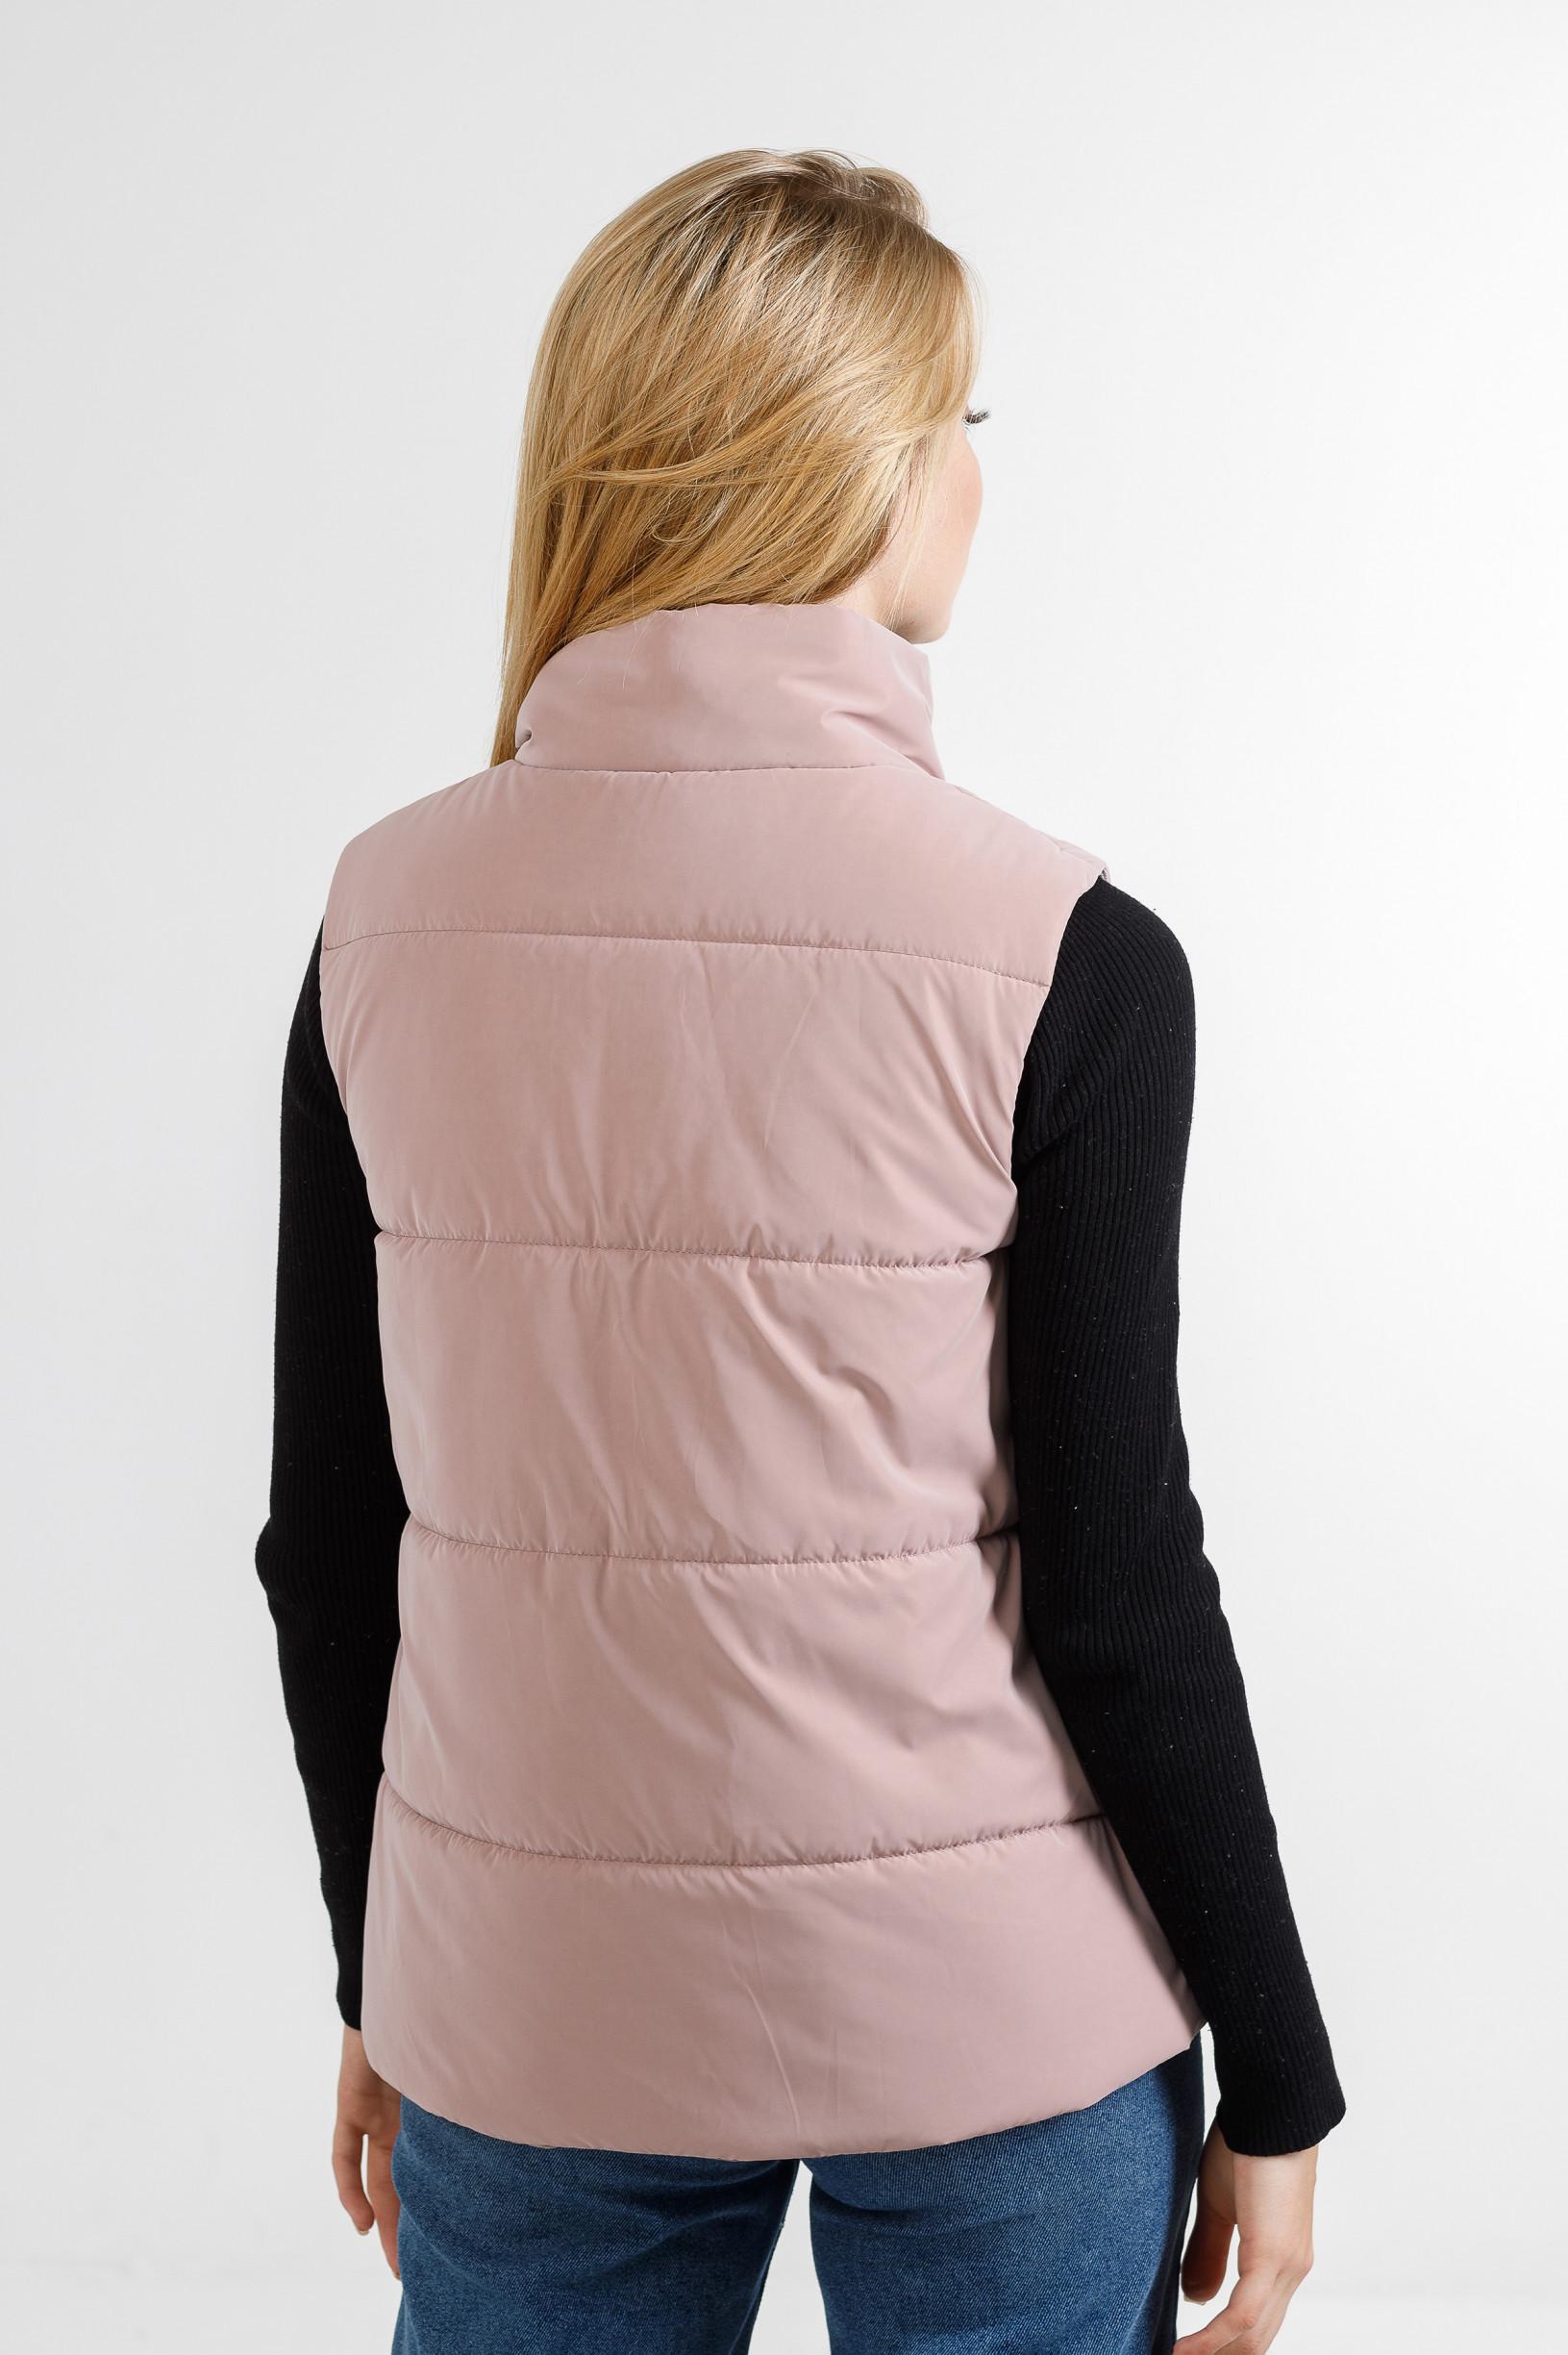 Женская безрукавка Фенди из велюрной плащёвки розовая